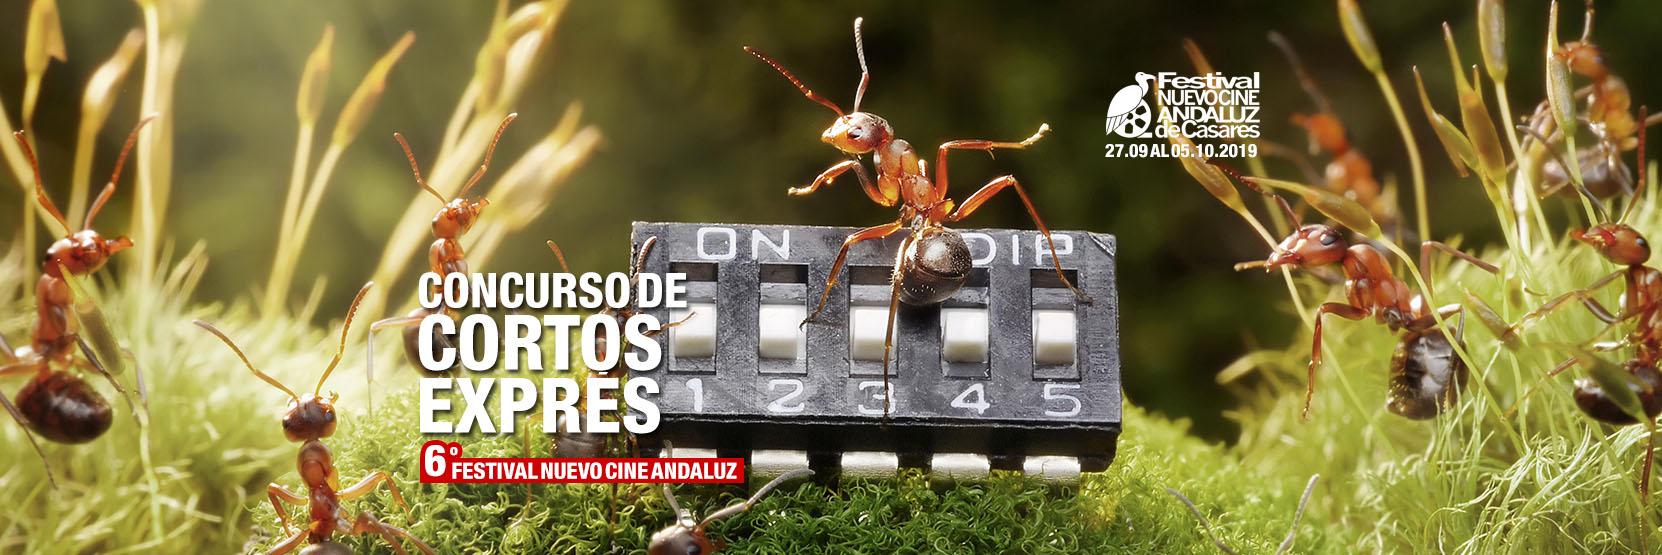 VI Concurso Cortos Exprés Nuevo Cine Andaluz - Casares, 2019